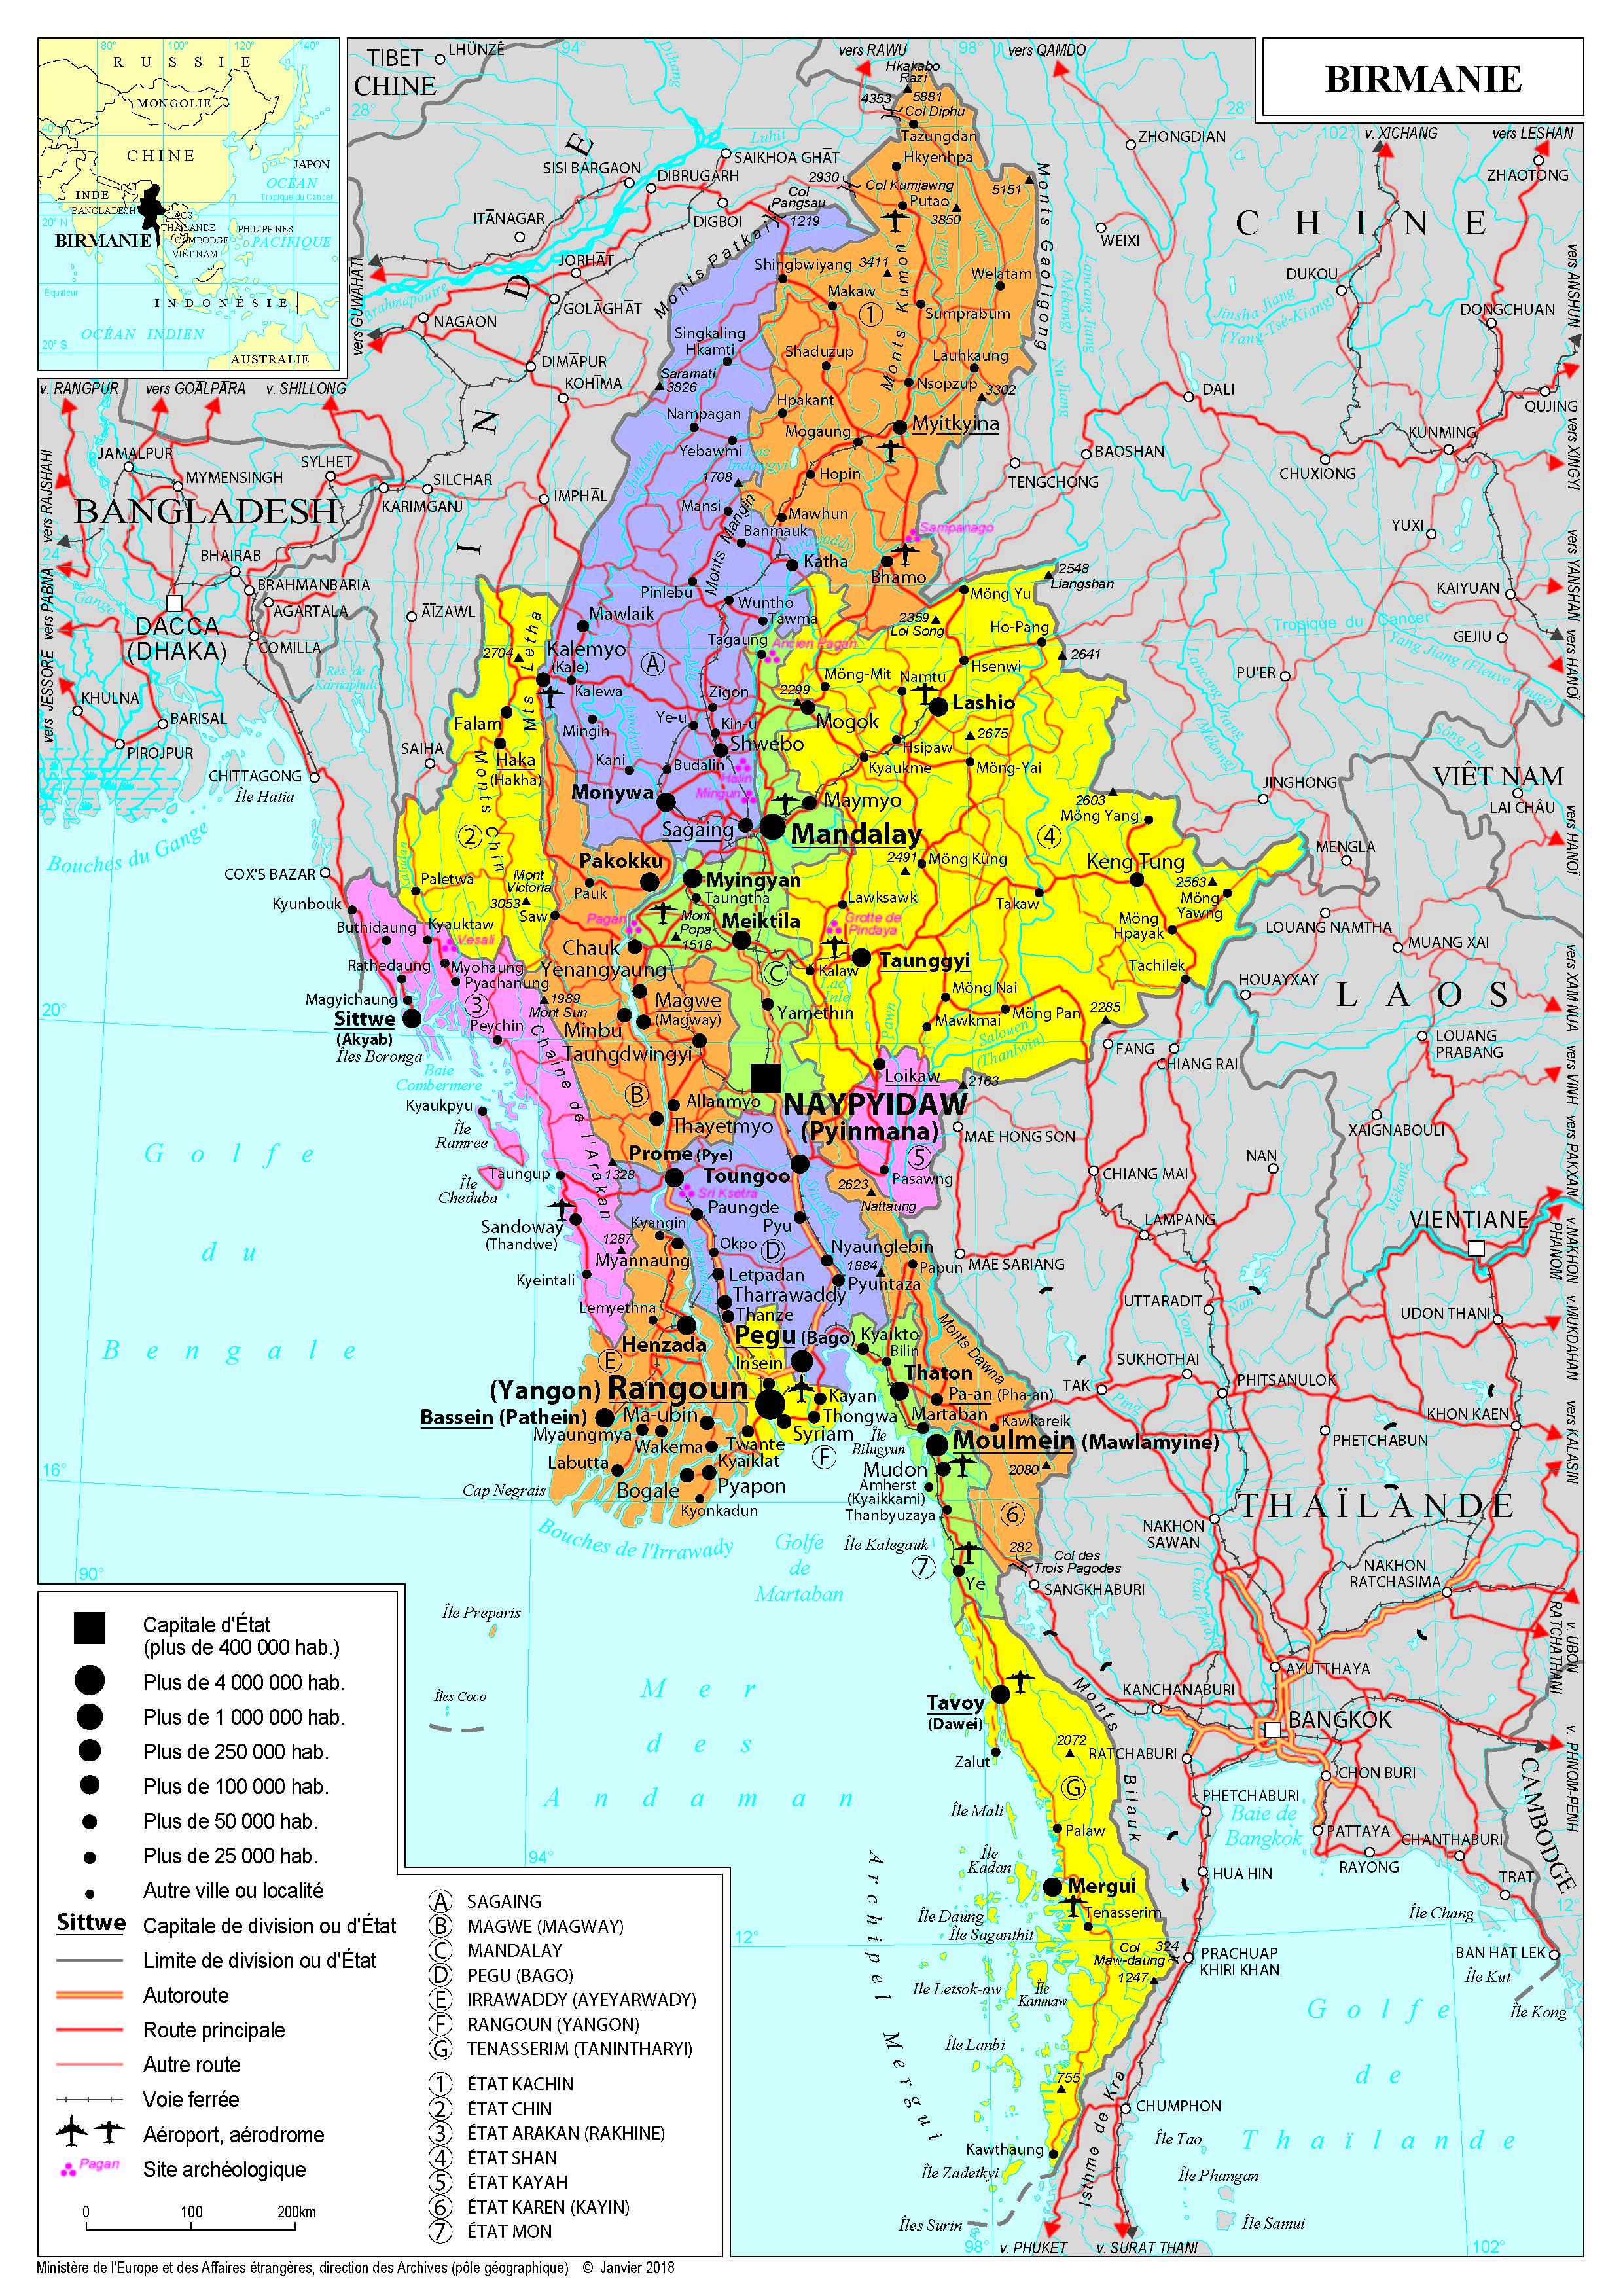 Moderne Présentation de la Birmanie - Ministère de l'Europe et des OQ-17